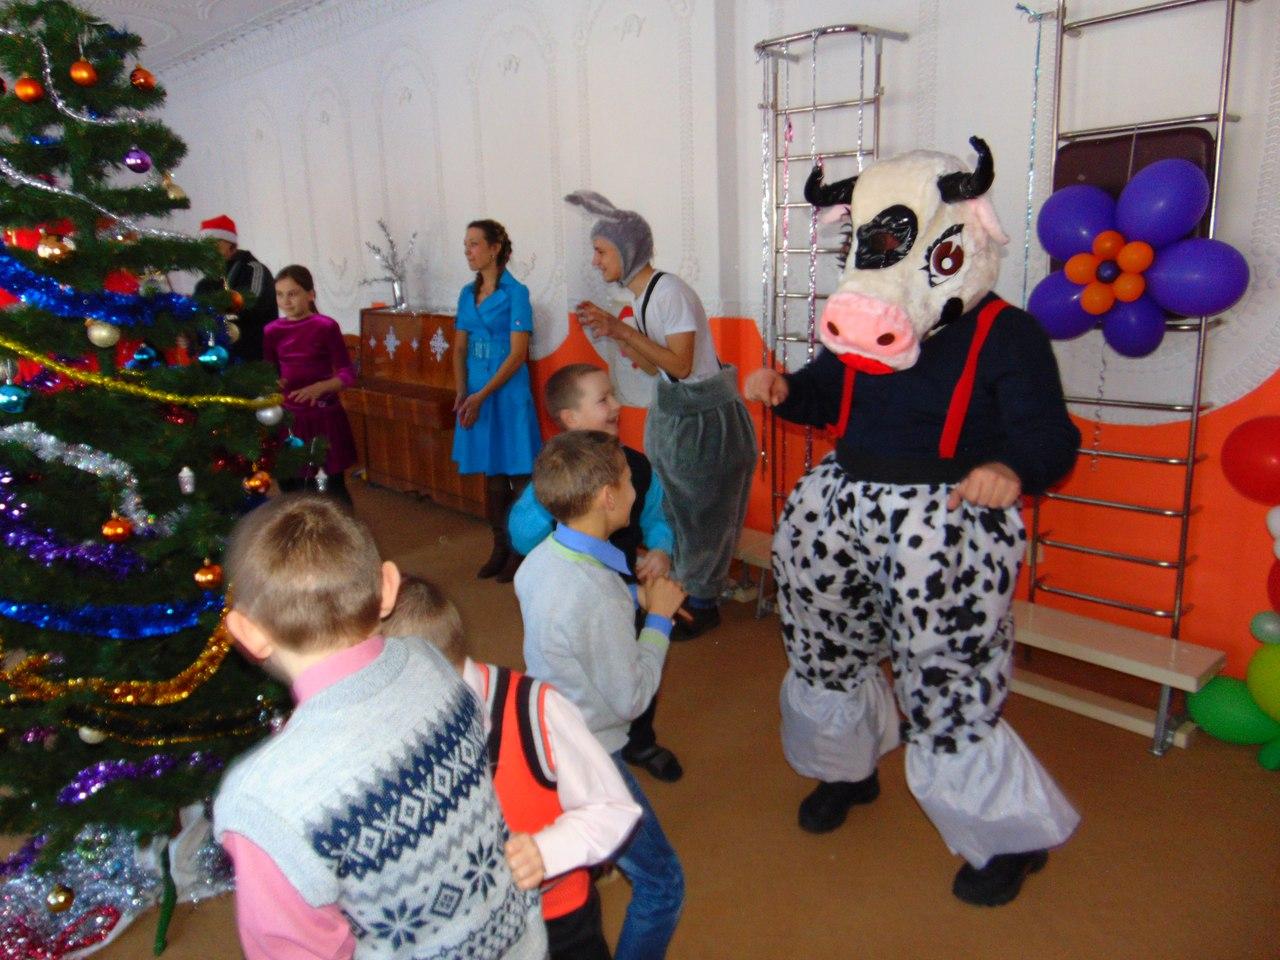 На празднике в 2015 году самым любимым персонажем для детей стала Буренка. Фото: из личного архива Алексея Шугаева